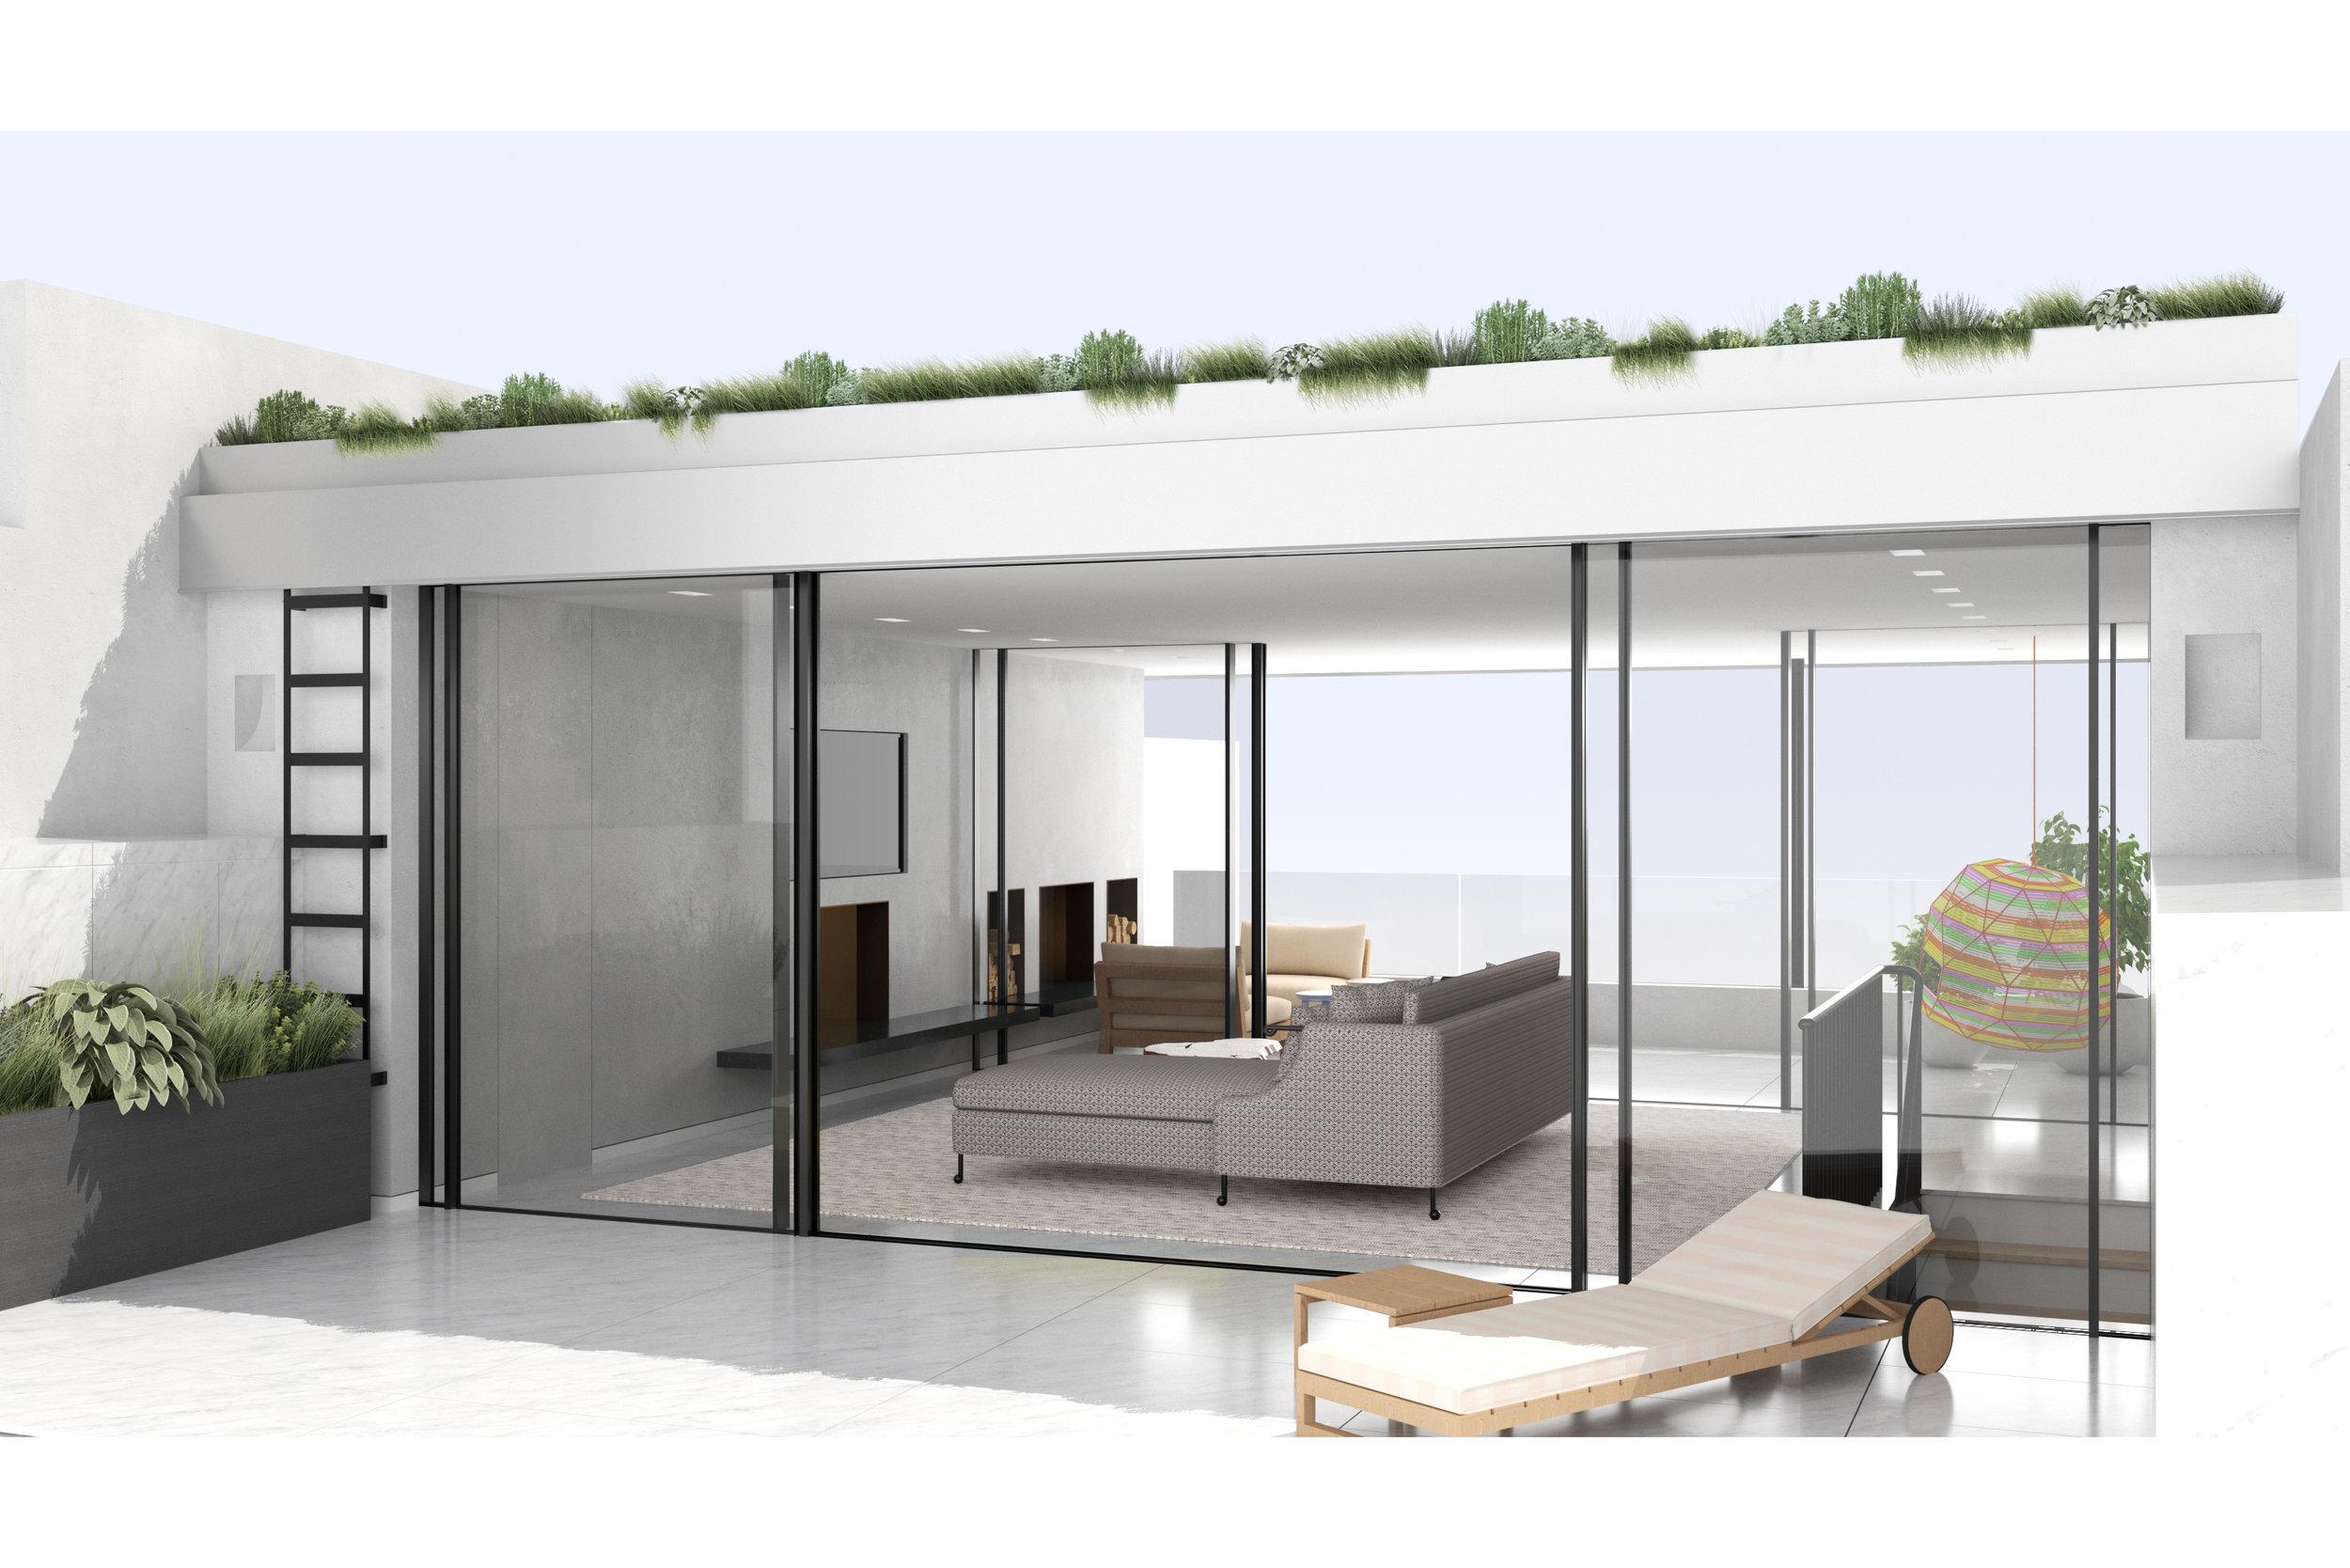 Penthouse_02_v2 (2).jpg